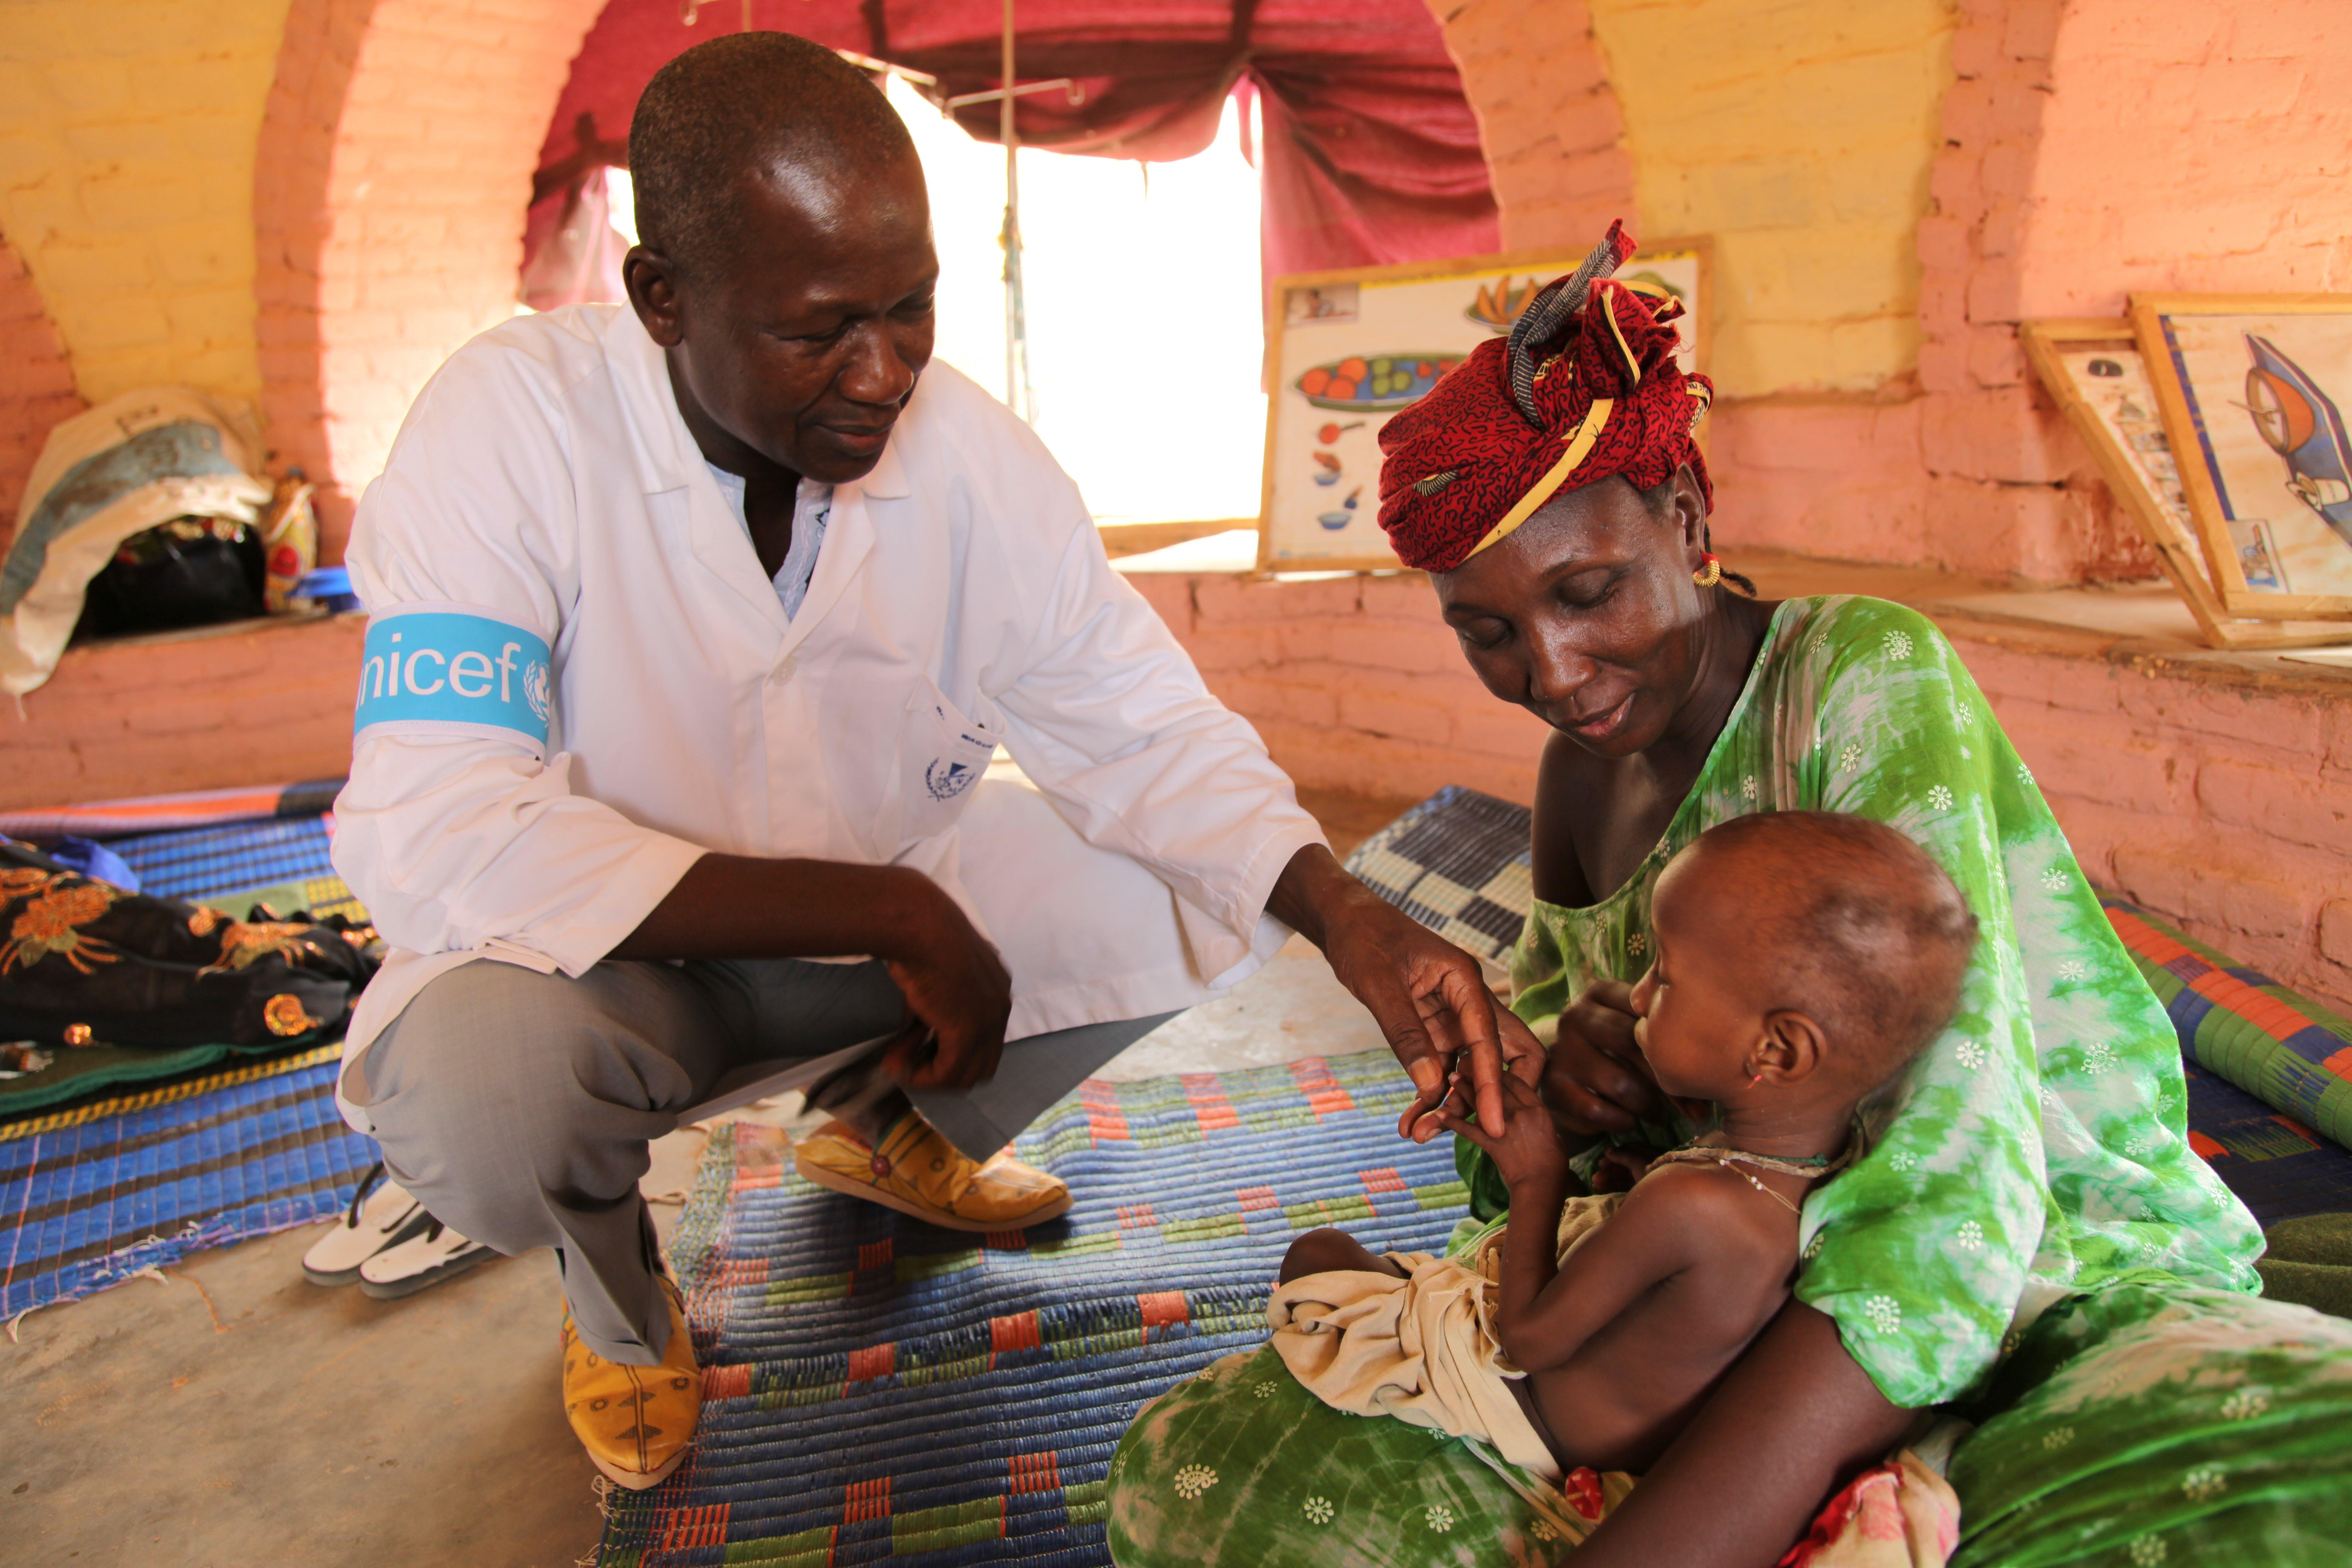 Mauritania (Sahel) Dall'inizio della crisi a oggi, nella regione saheliana, l'UNICEF ha prestato terapie salva-vita a ben 140.000 bambini colpiti dalle forme più gravi di malnutrizione.